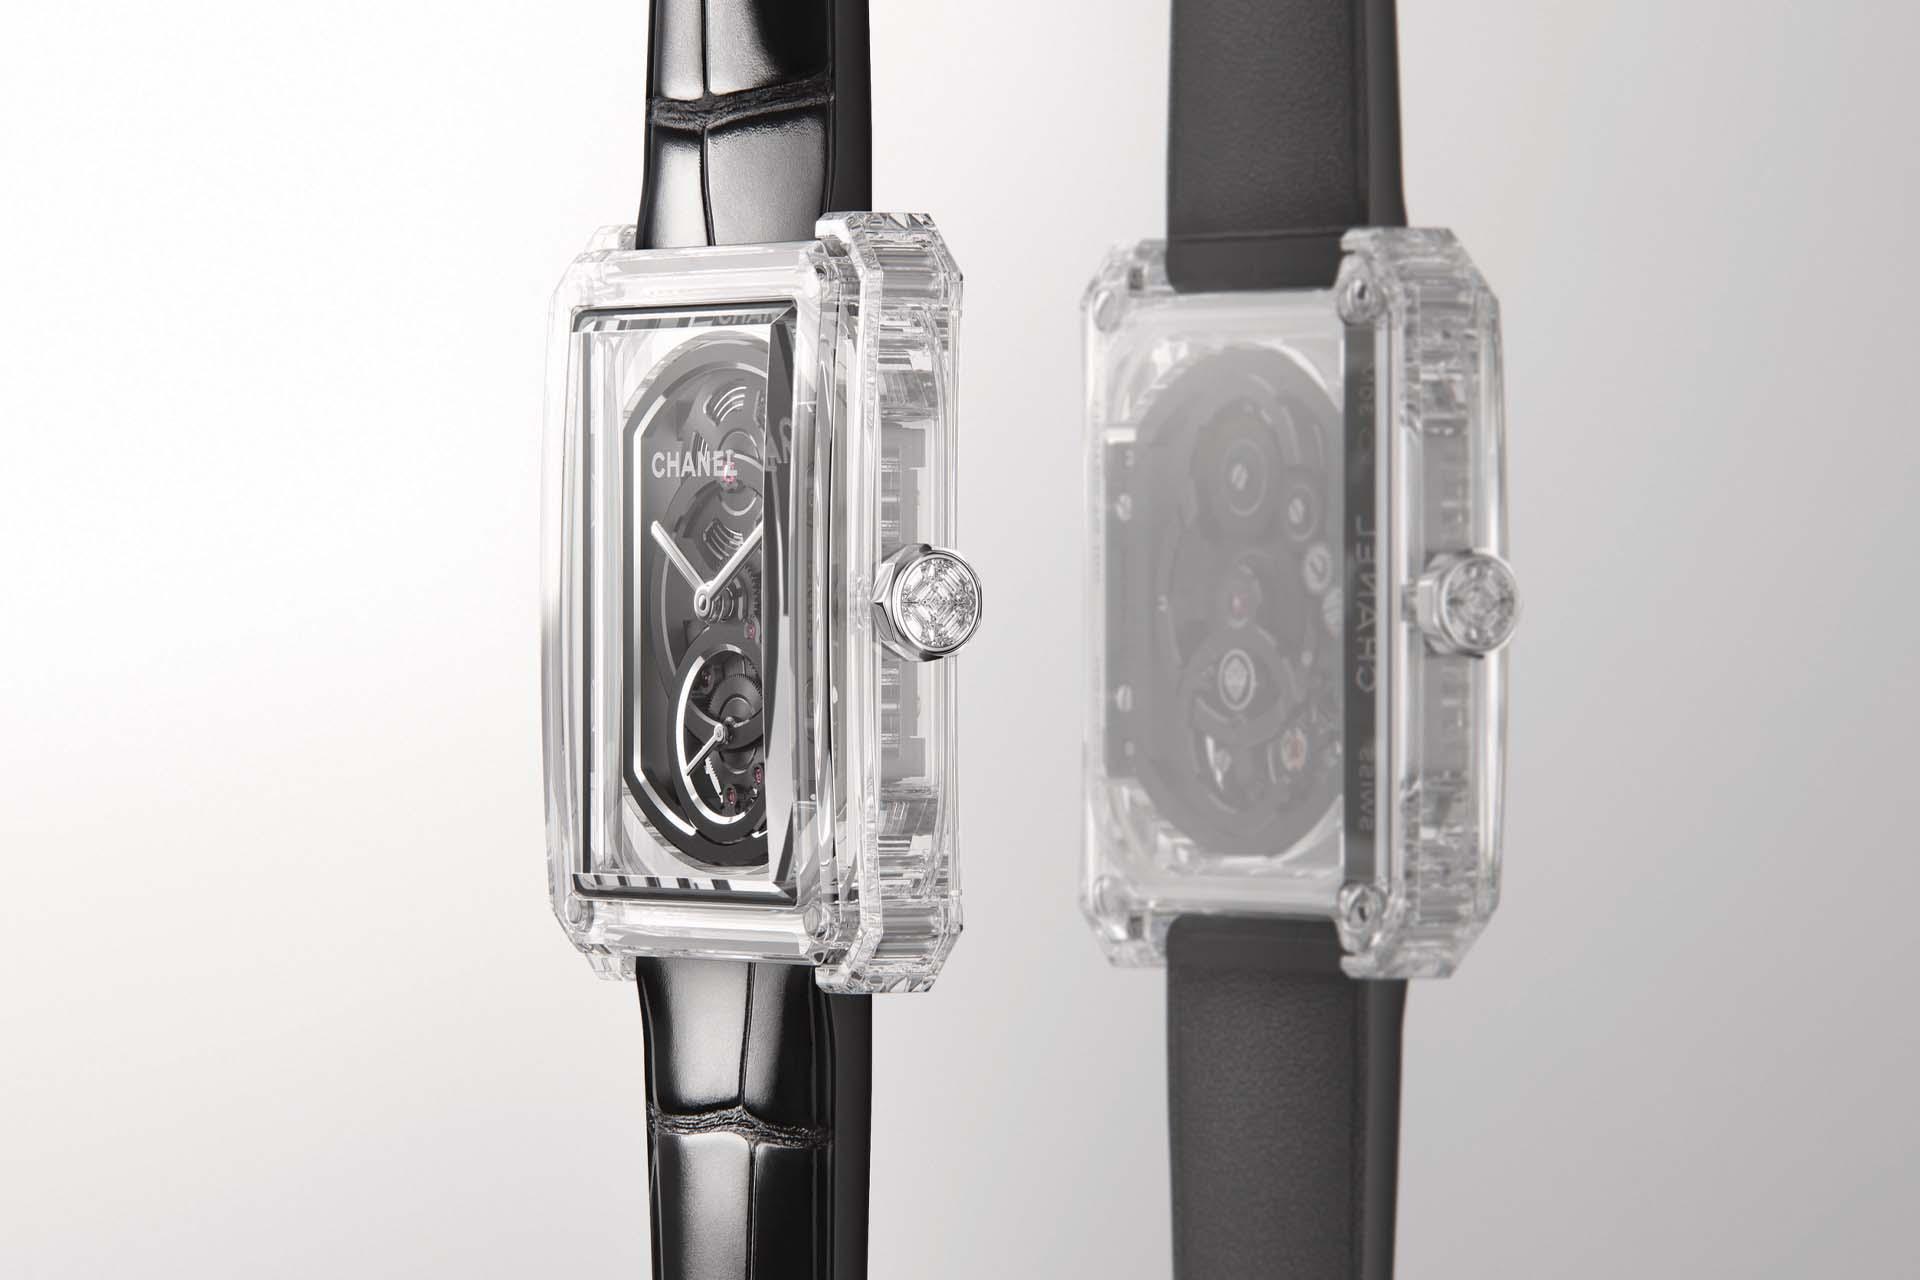 透視製錶技藝:CHANEL自製機芯腕錶